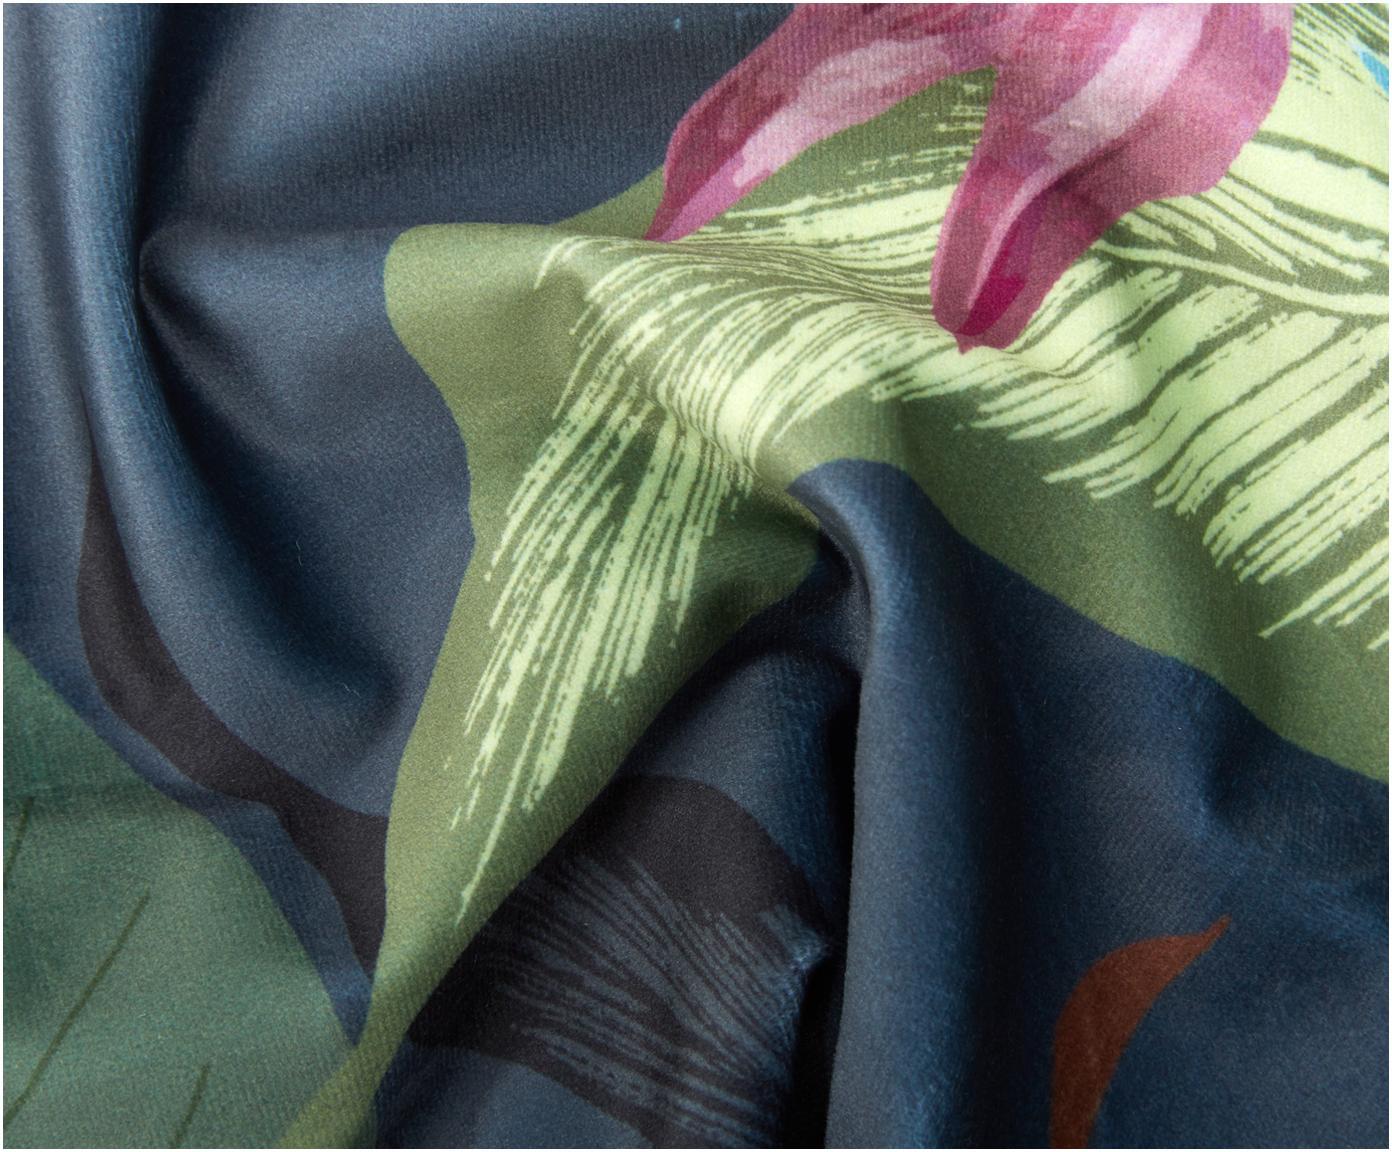 Housse de coussin en velours à franges Flora, Multicolore Franges: vert foncé